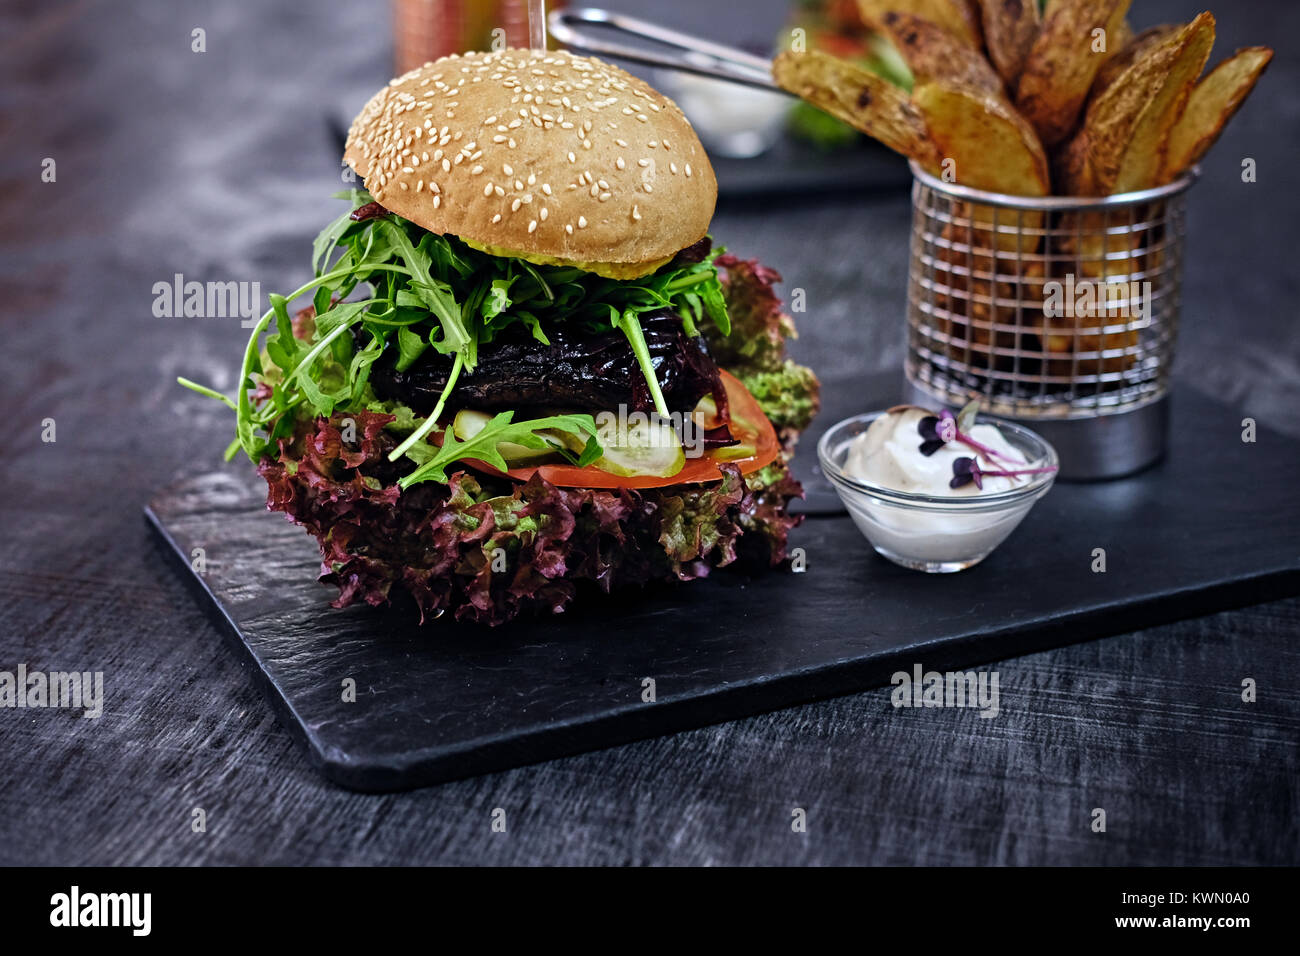 Burger, Pommes mit Salat auf einem Tisch. Stockbild